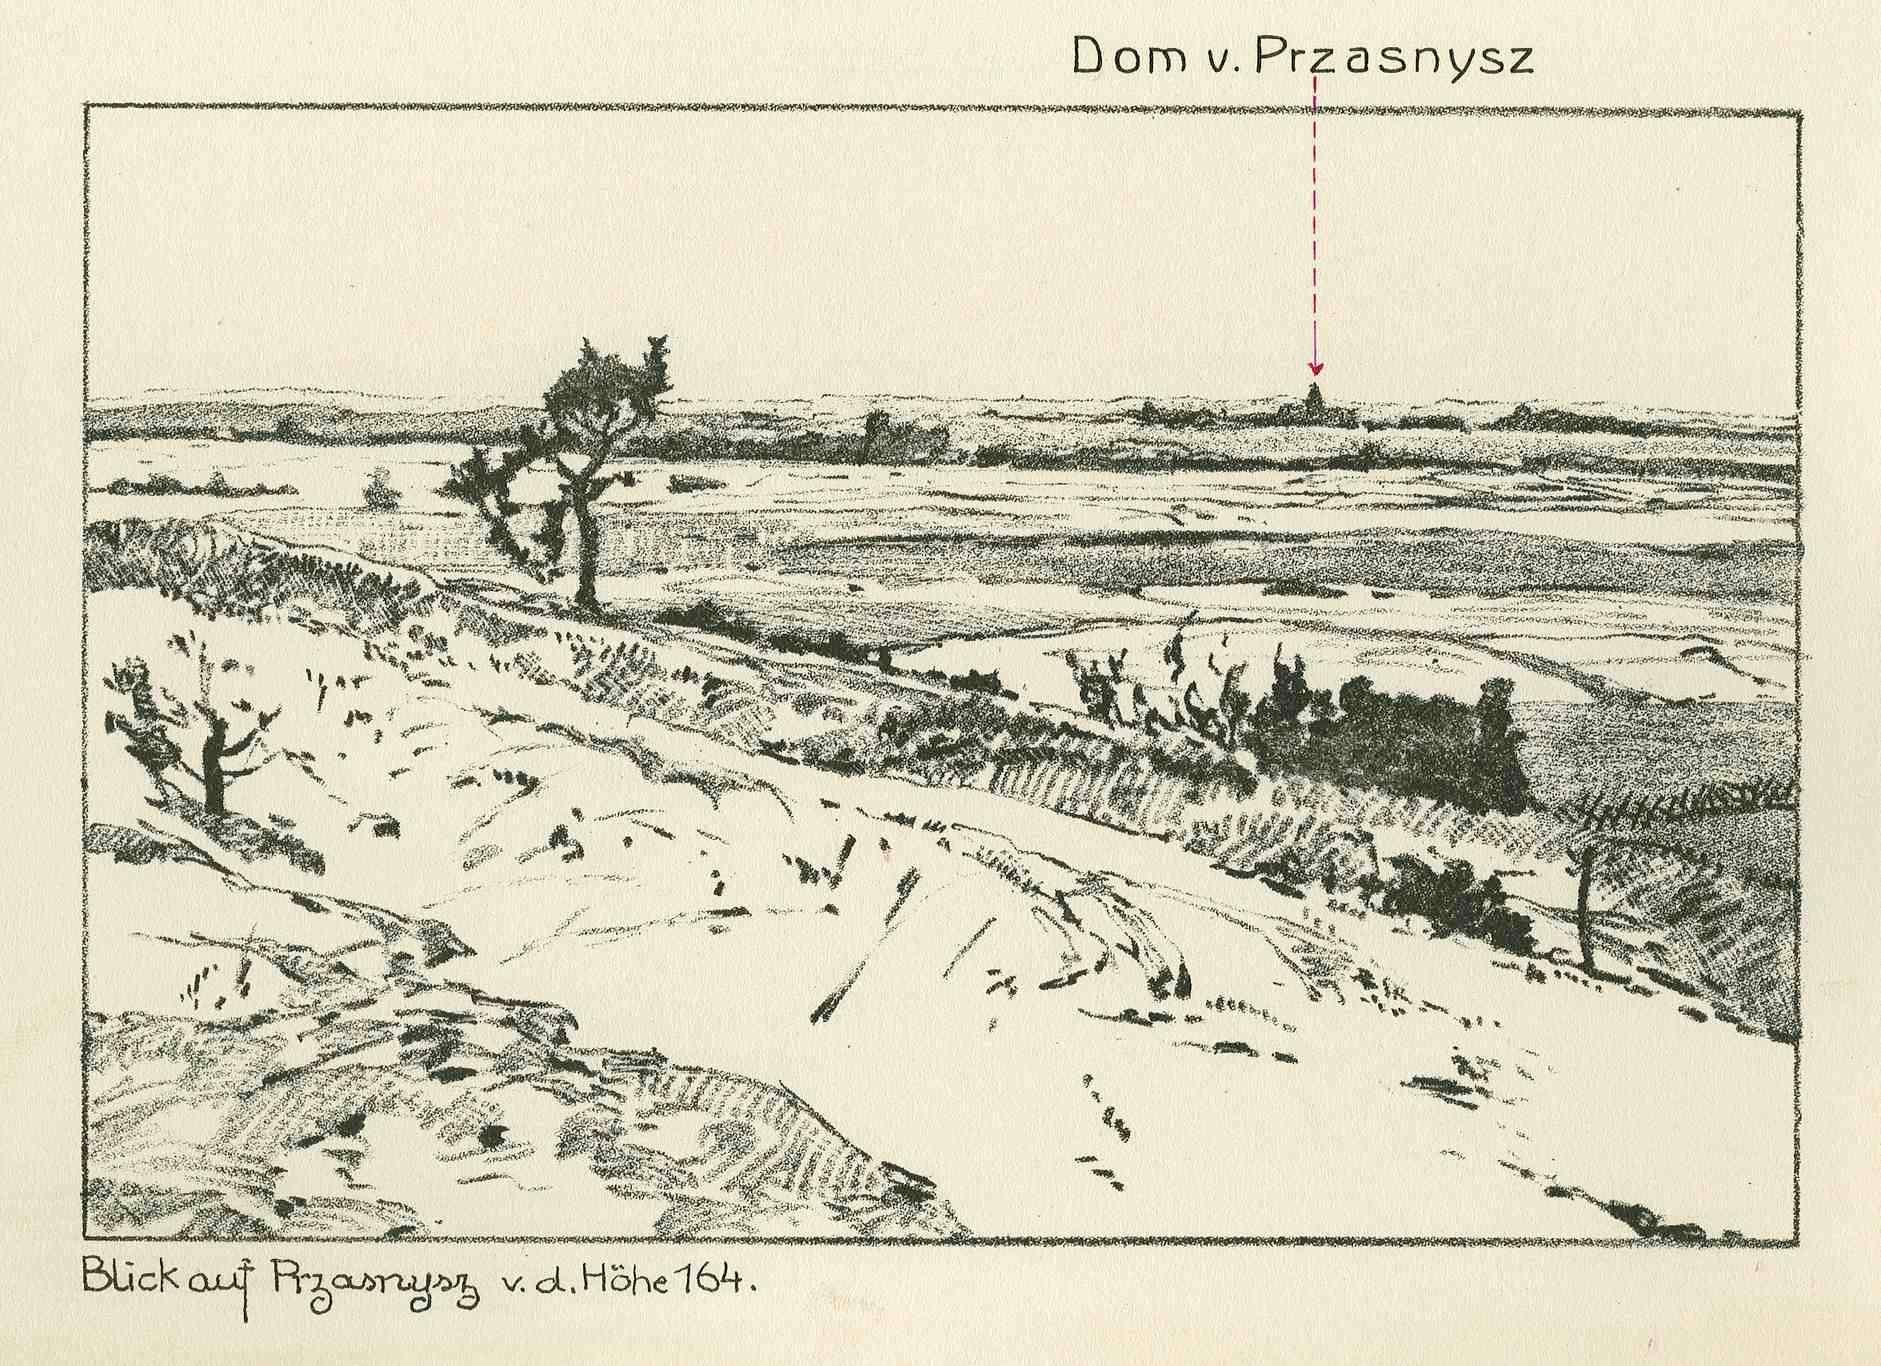 Zehn uniformierte Soldaten des 10. Polnischen Regiments am Grenzpfahl zu Preußen, zwei preuss. Ulanen auf sie zureitend, Versreim, Bild 2